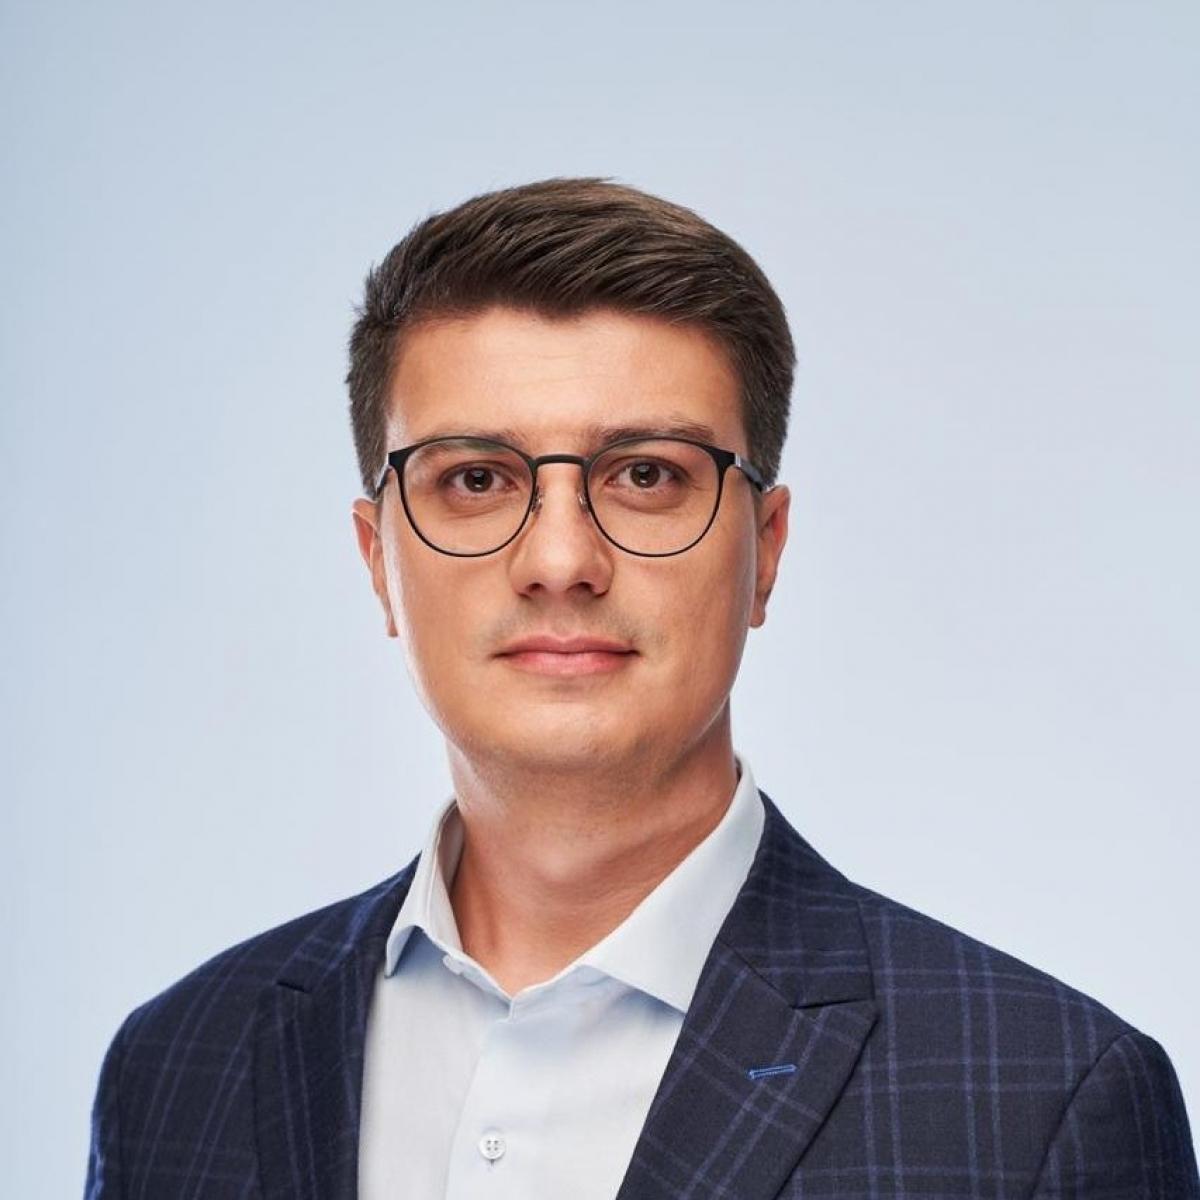 Лавровський Денис Віталійович